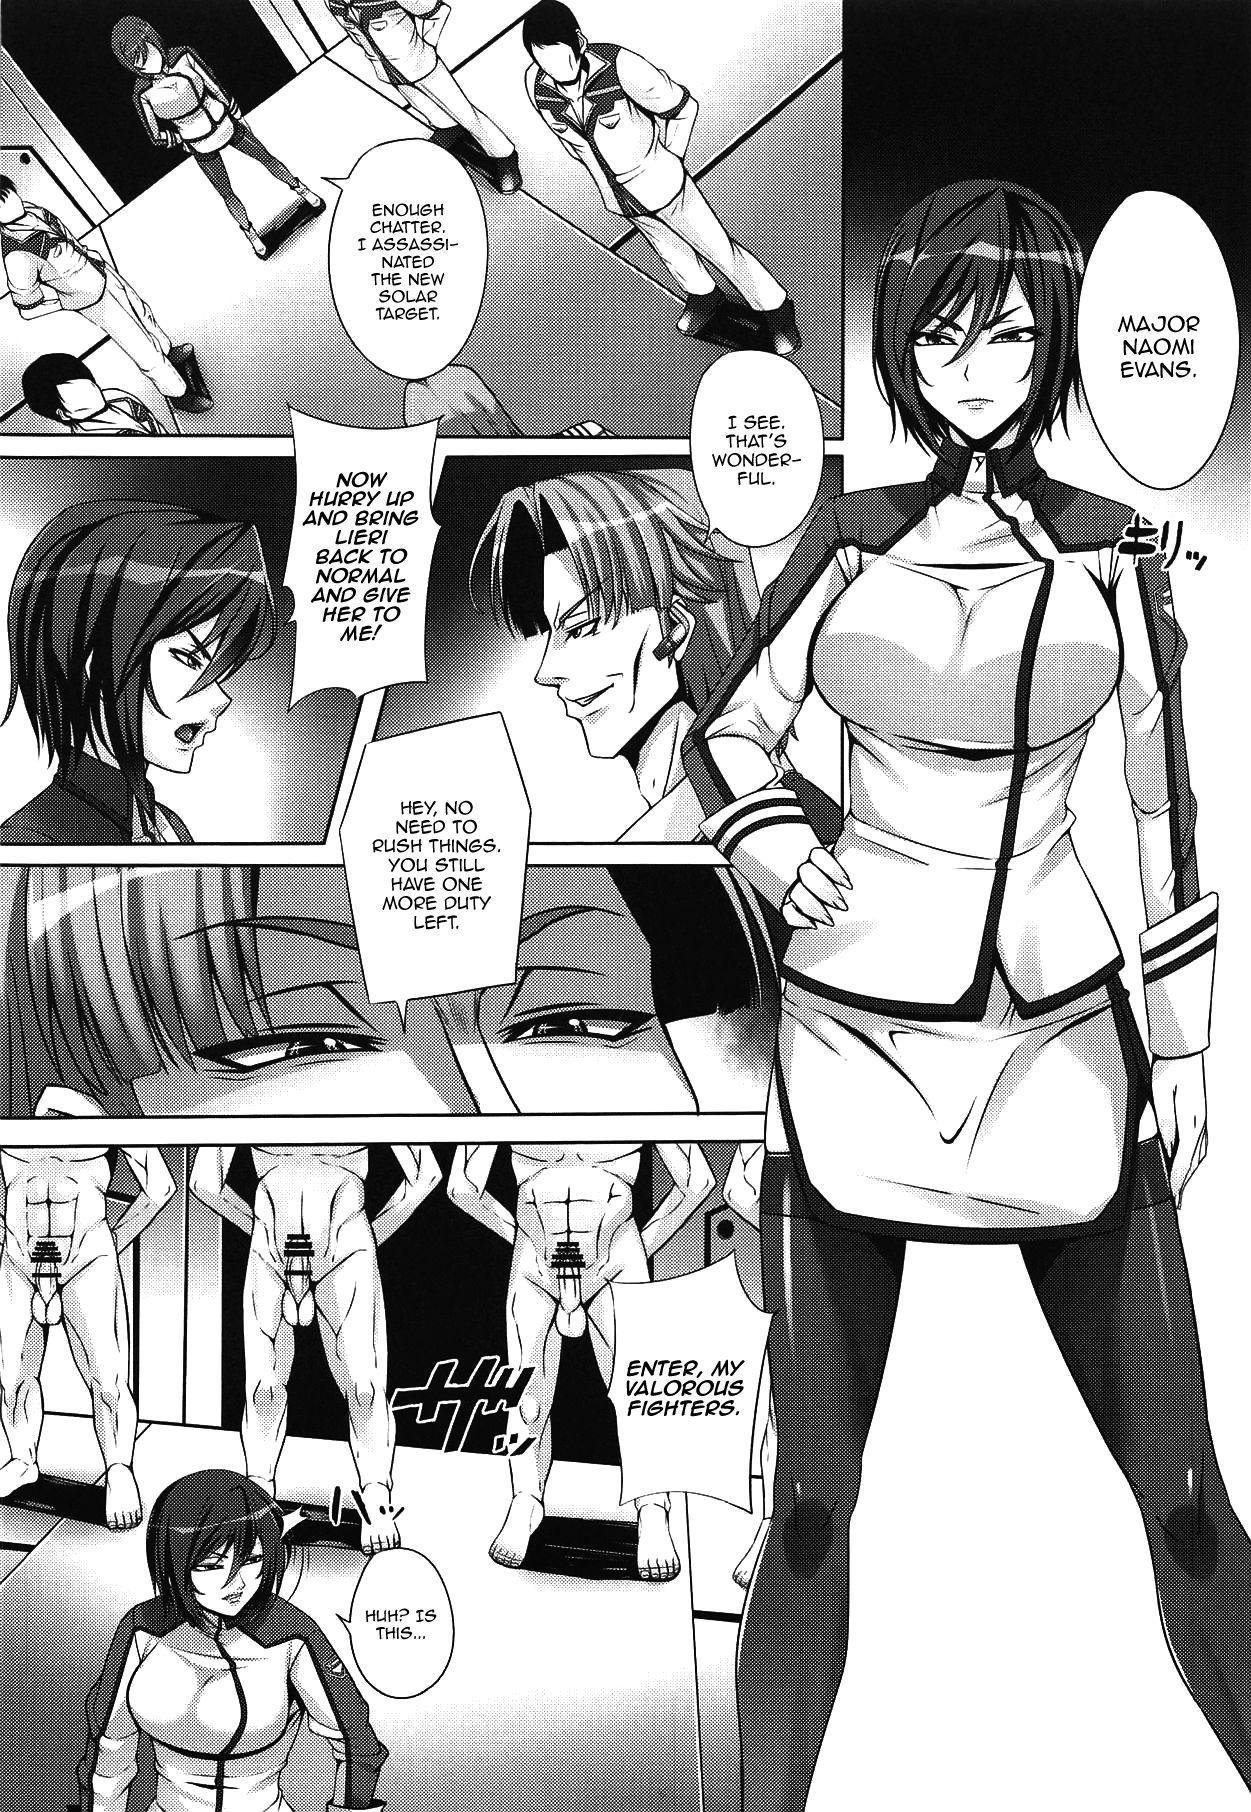 Bijin Shikan no Matsuro - Beautiful Officer's Fate 3